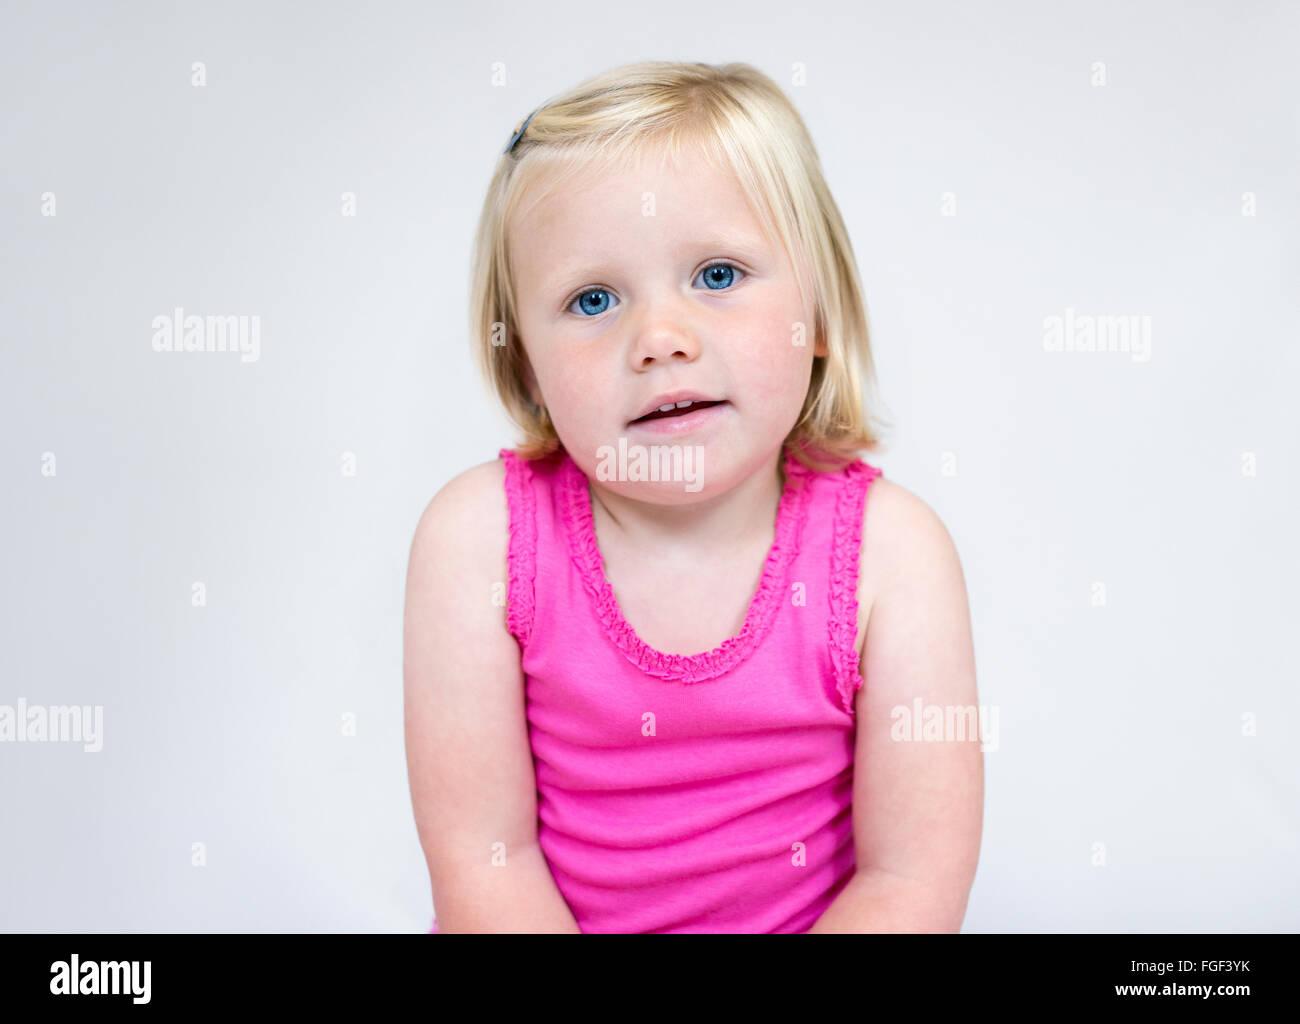 Retrato de una joven con corta el pelo rubio y ojos azules vistiendo un chaleco rosa sonriendo Foto de stock